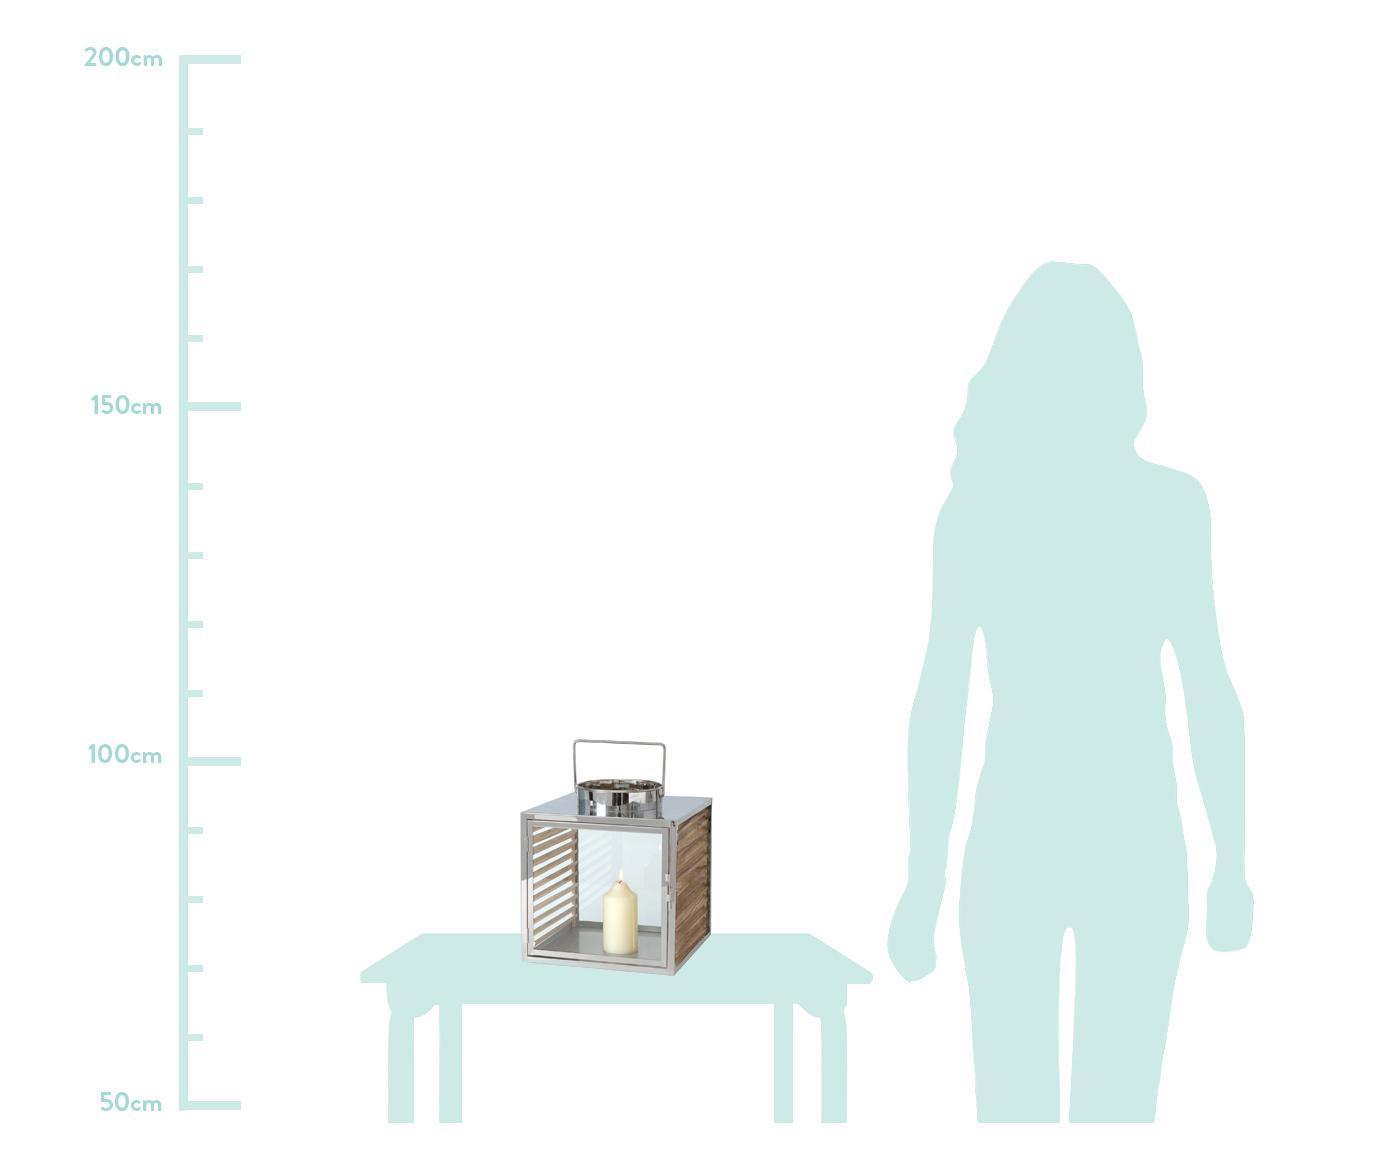 Lantaarnsset Malmok, 2-delig, Edelstaal, hout, glas, Zilverkleurig, Verschillende formaten